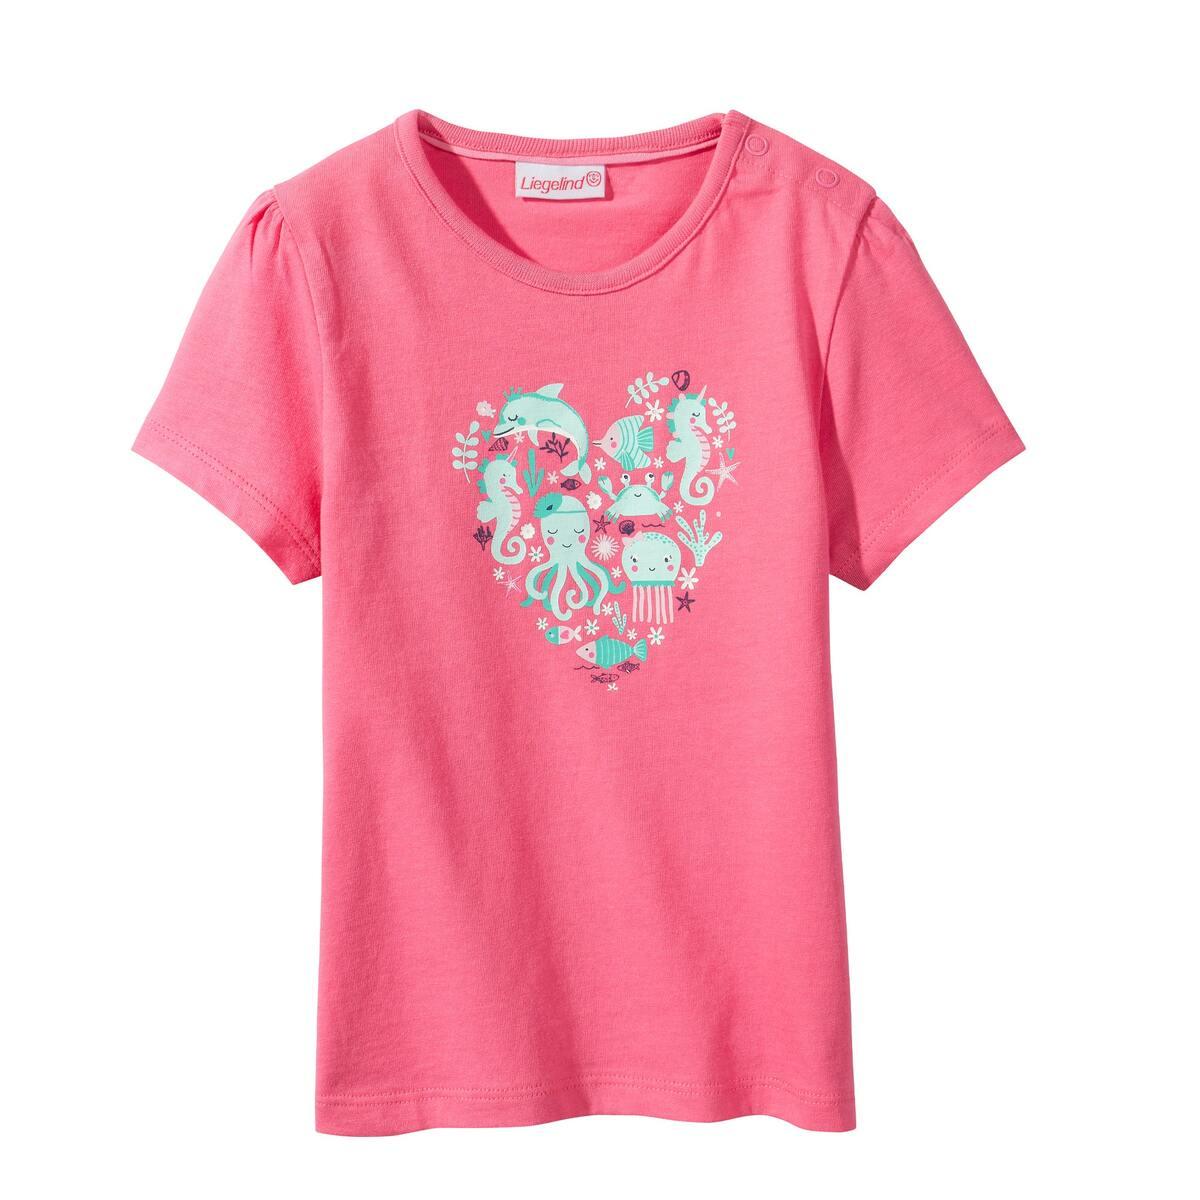 Bild 3 von Baby-Mädchen-T-Shirt mit süßen Delfinen, 2er-Pack